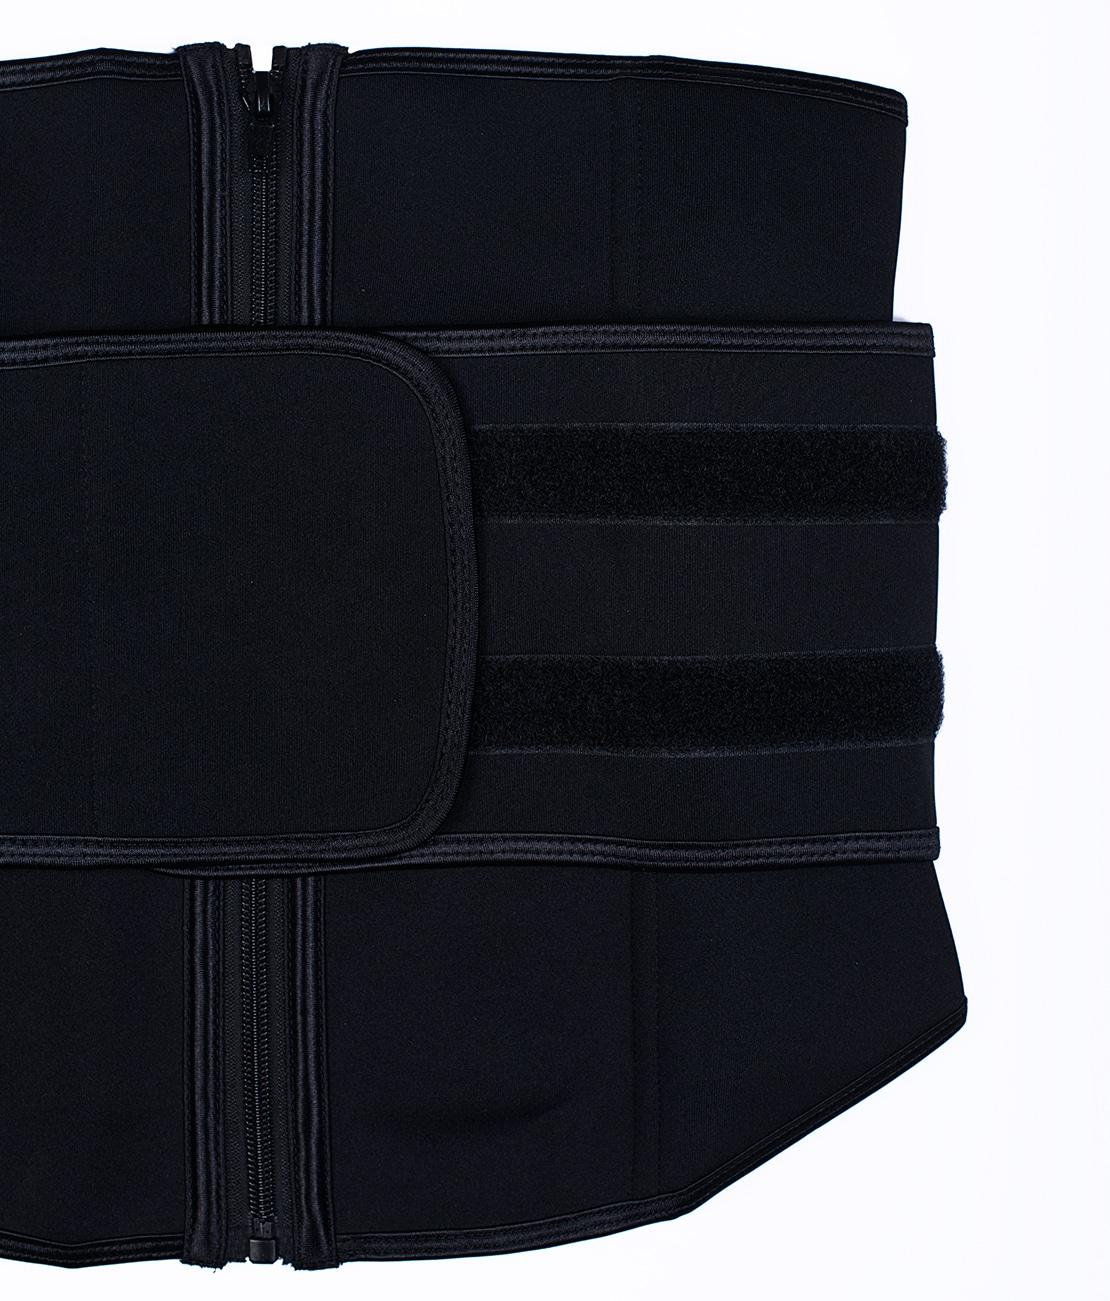 Ceinture de Sudation Multisport Noire Packshot Detail 2